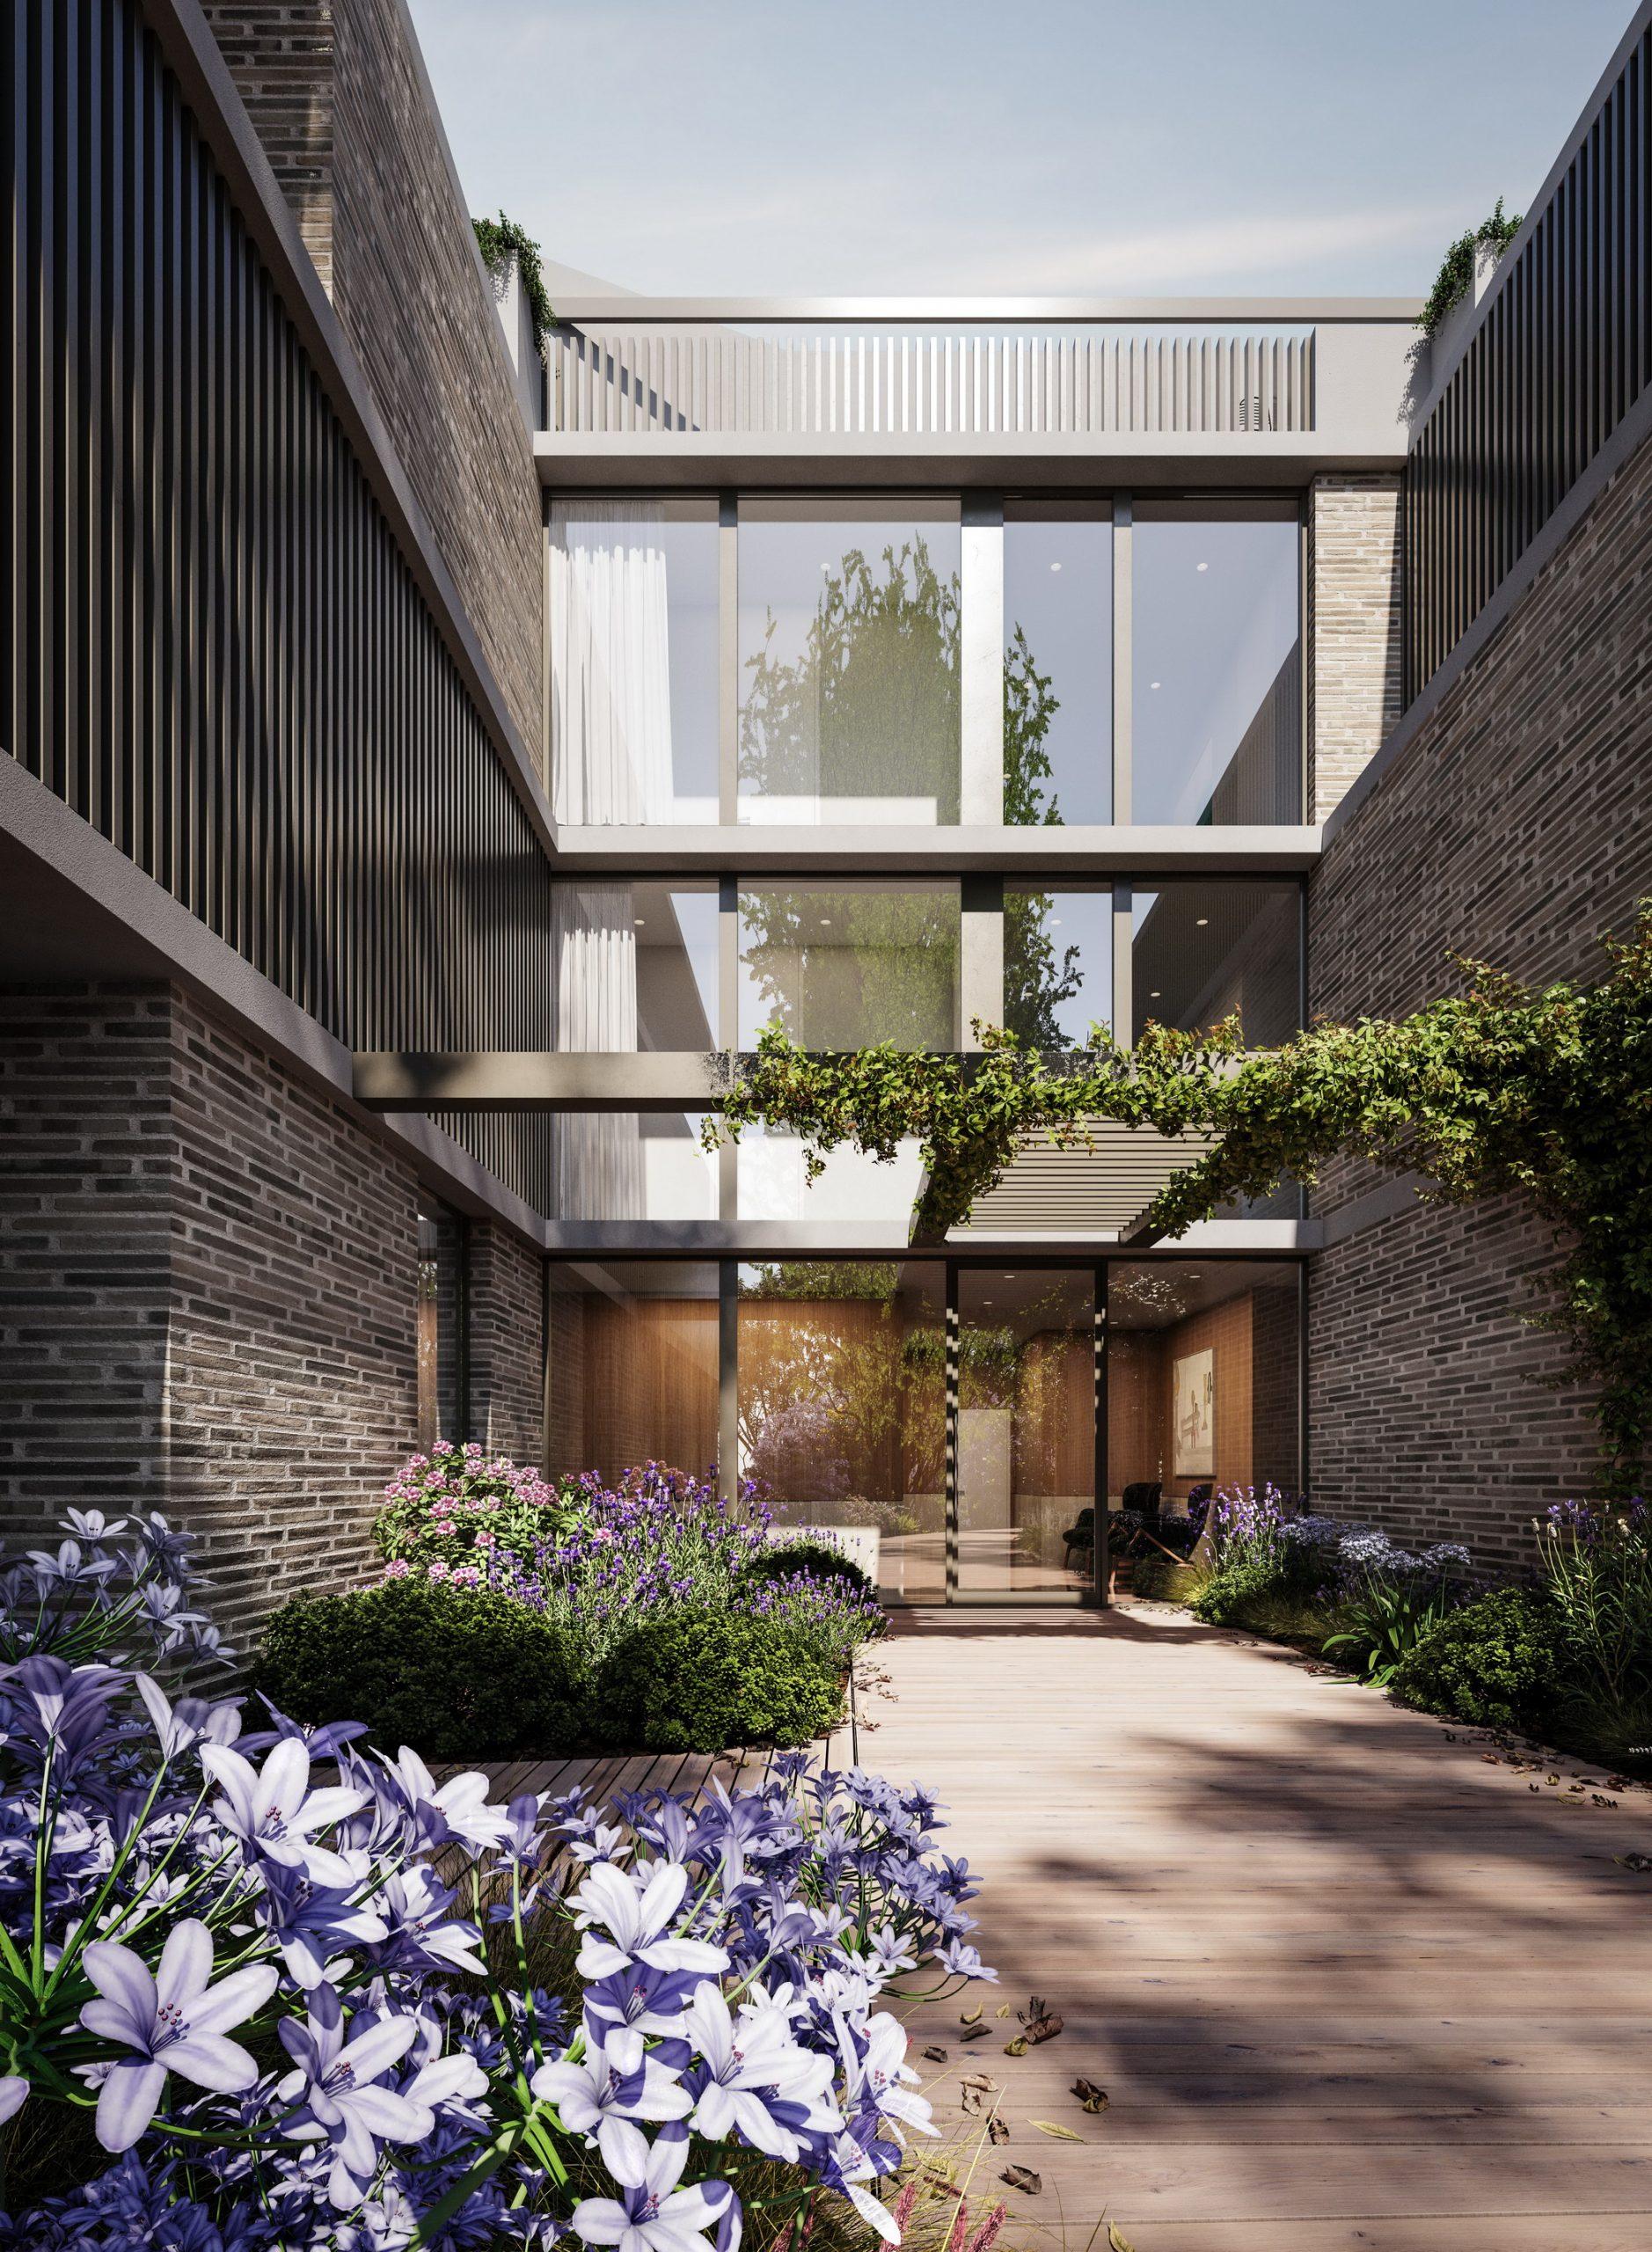 fkd-studio-3d-archiecture-visualisation-cgi-archviz-eaglemont-exterior-entrance